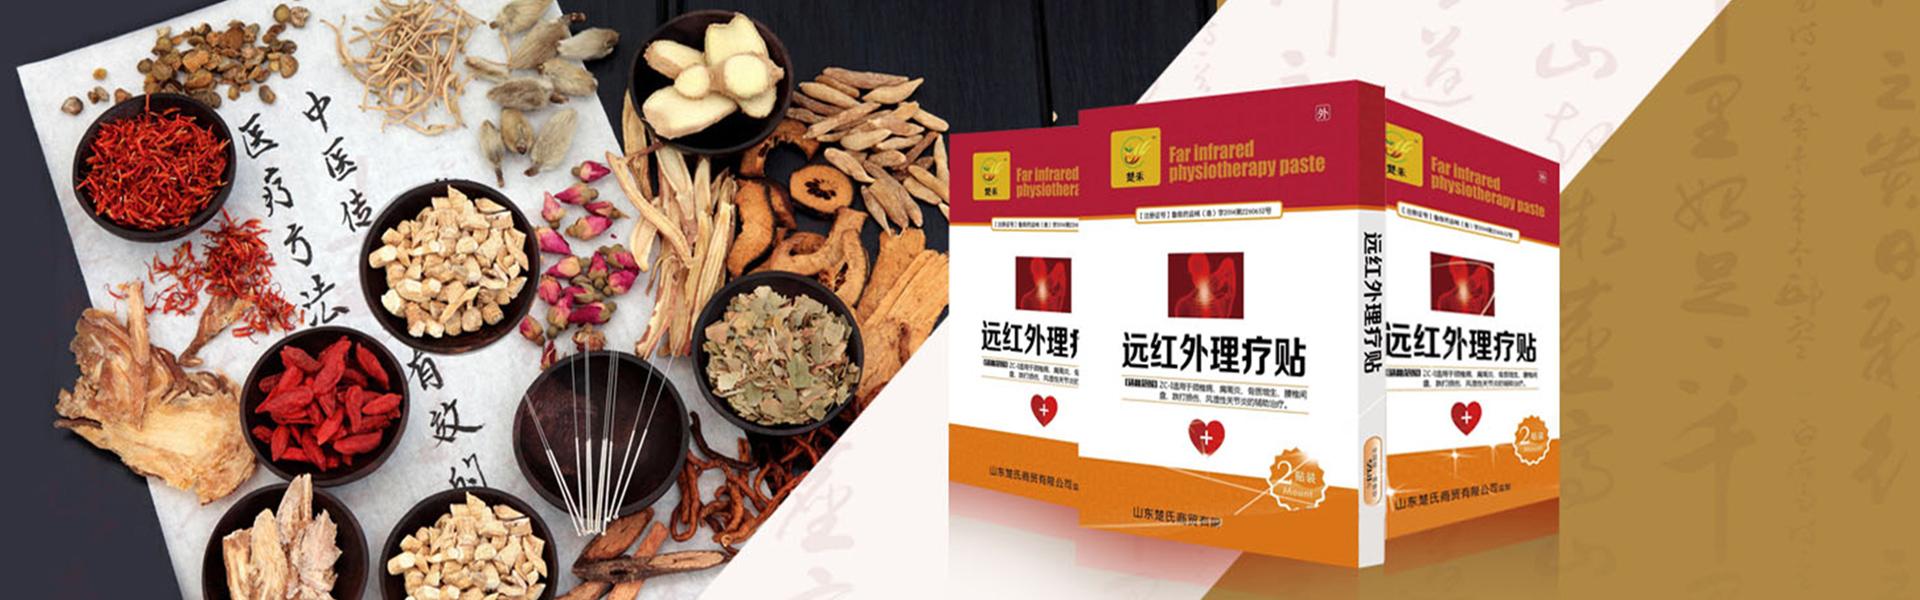 济南黑膏药,济南膏药厂家,楚禾健康减肥